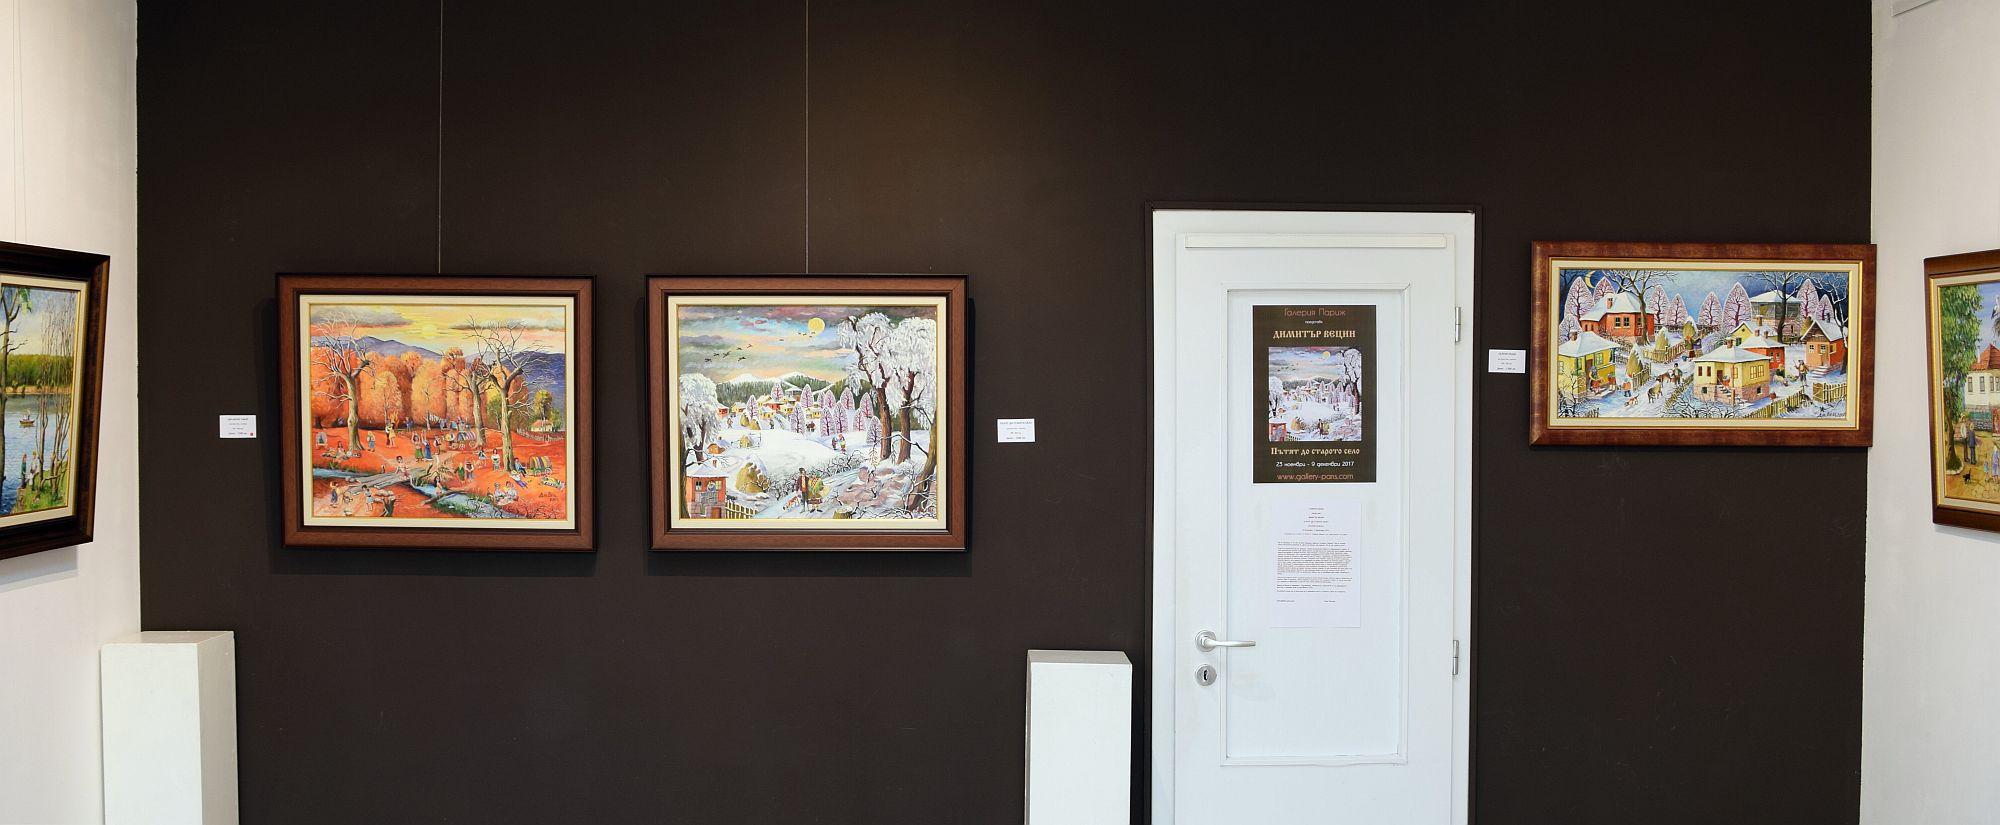 Kartini ot izlozhbata na Dimitar Vetsin 2017